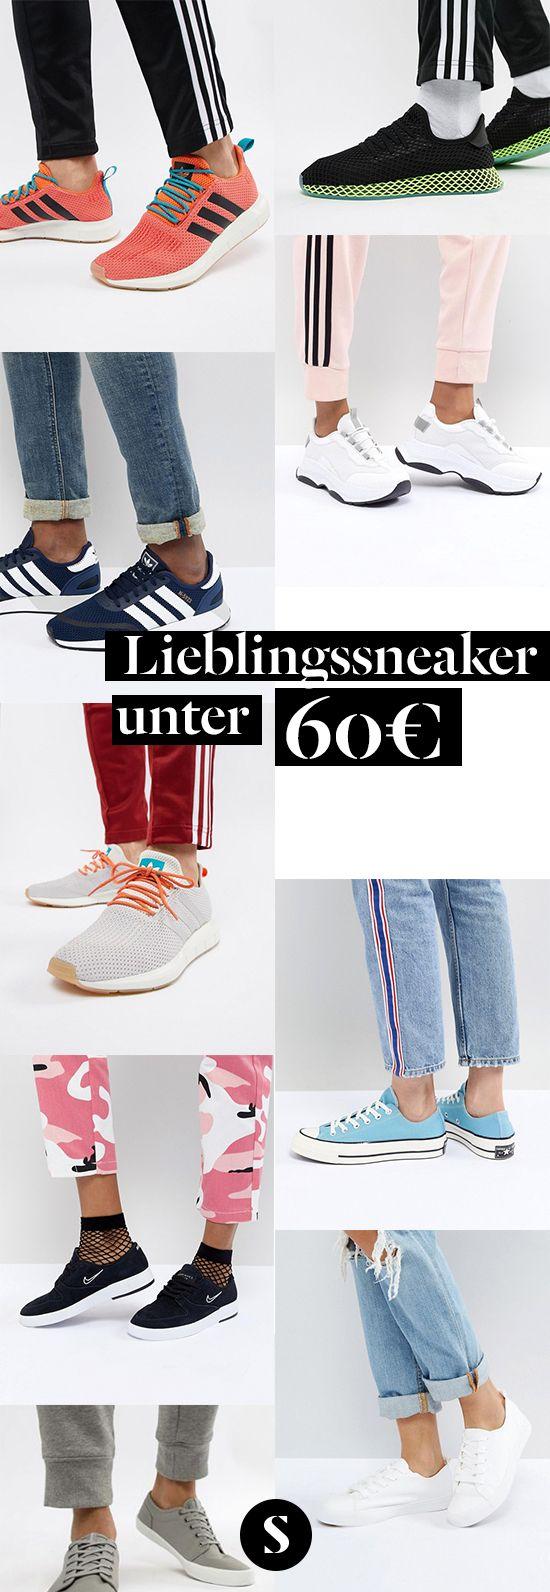 Kein Outfit ist komplett ohne passende Sneakers: Schlicht, bequem und vielseitig ist diese Art Schuh das perfekte Accessoire, das in keinem Zuhause fehlen darf. Und der perfekte Style muss nicht teuer sein: Ob ganz einfach und einfarbig oder eher moderner mit Verzierungen: Hier finden sich Sneaker für jeden Anlass – und das alles unter 60 Euro!